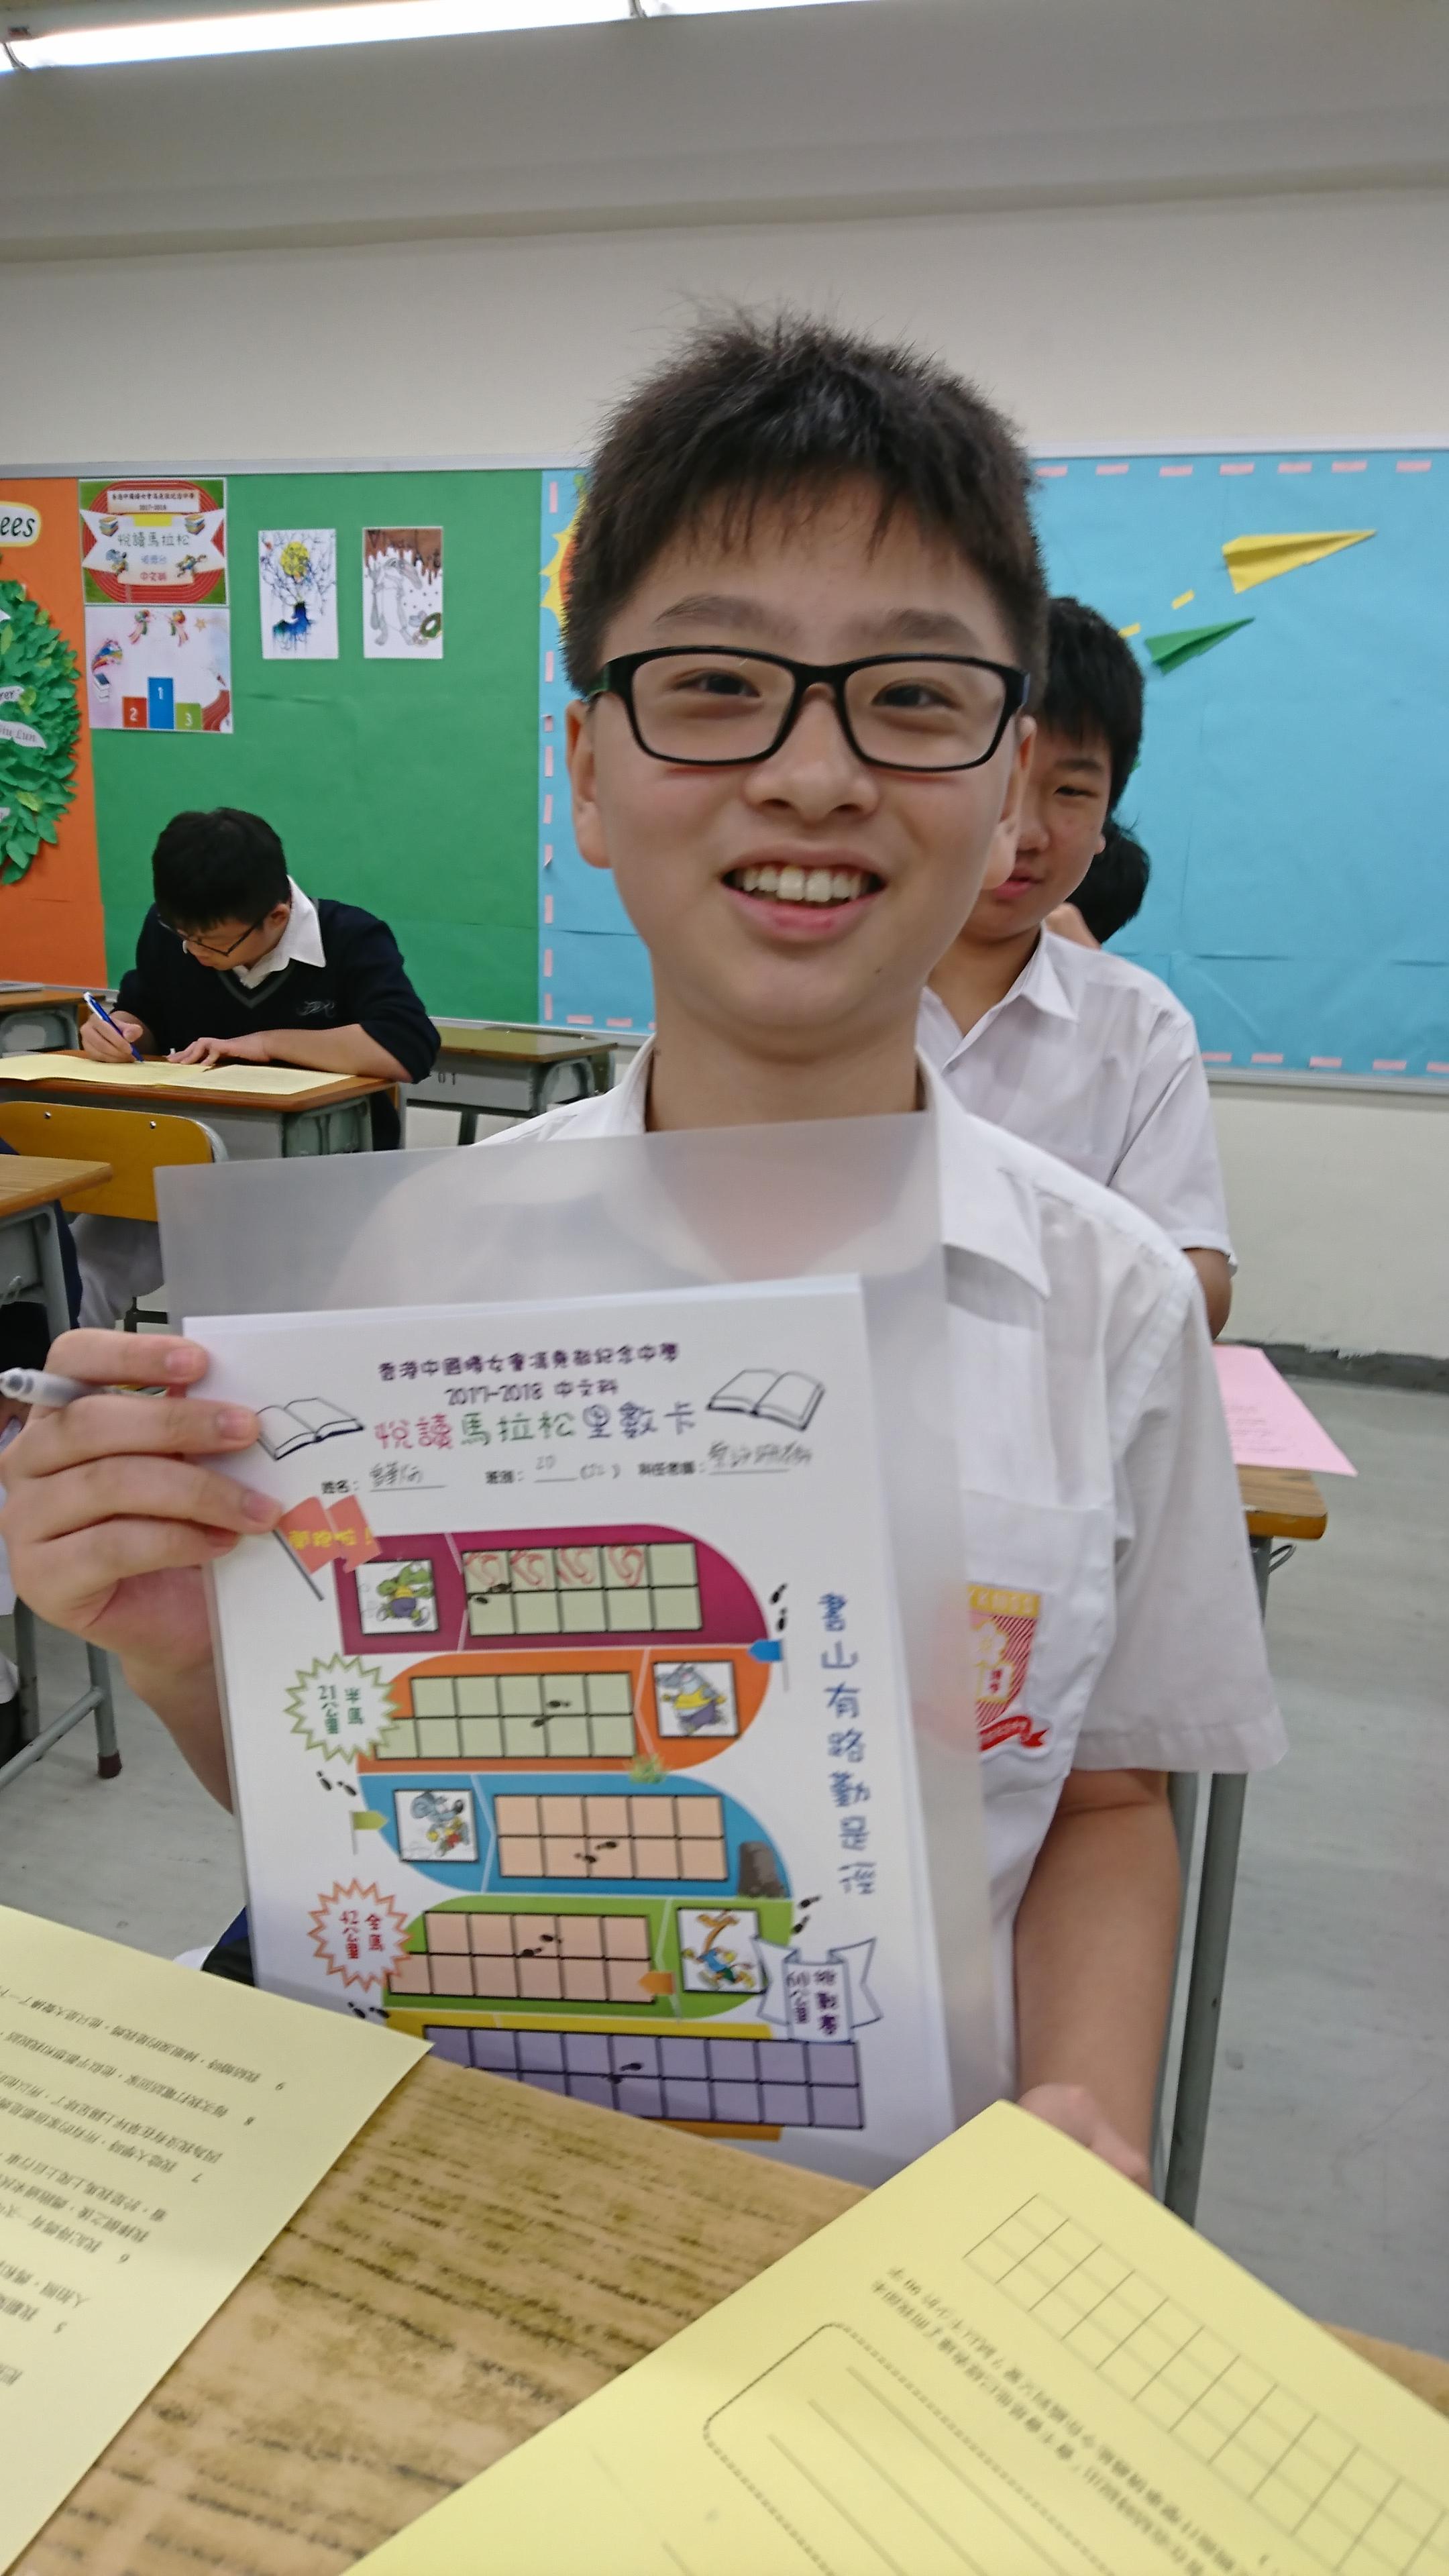 同學為自己的閲讀表現,而沾沾自喜!